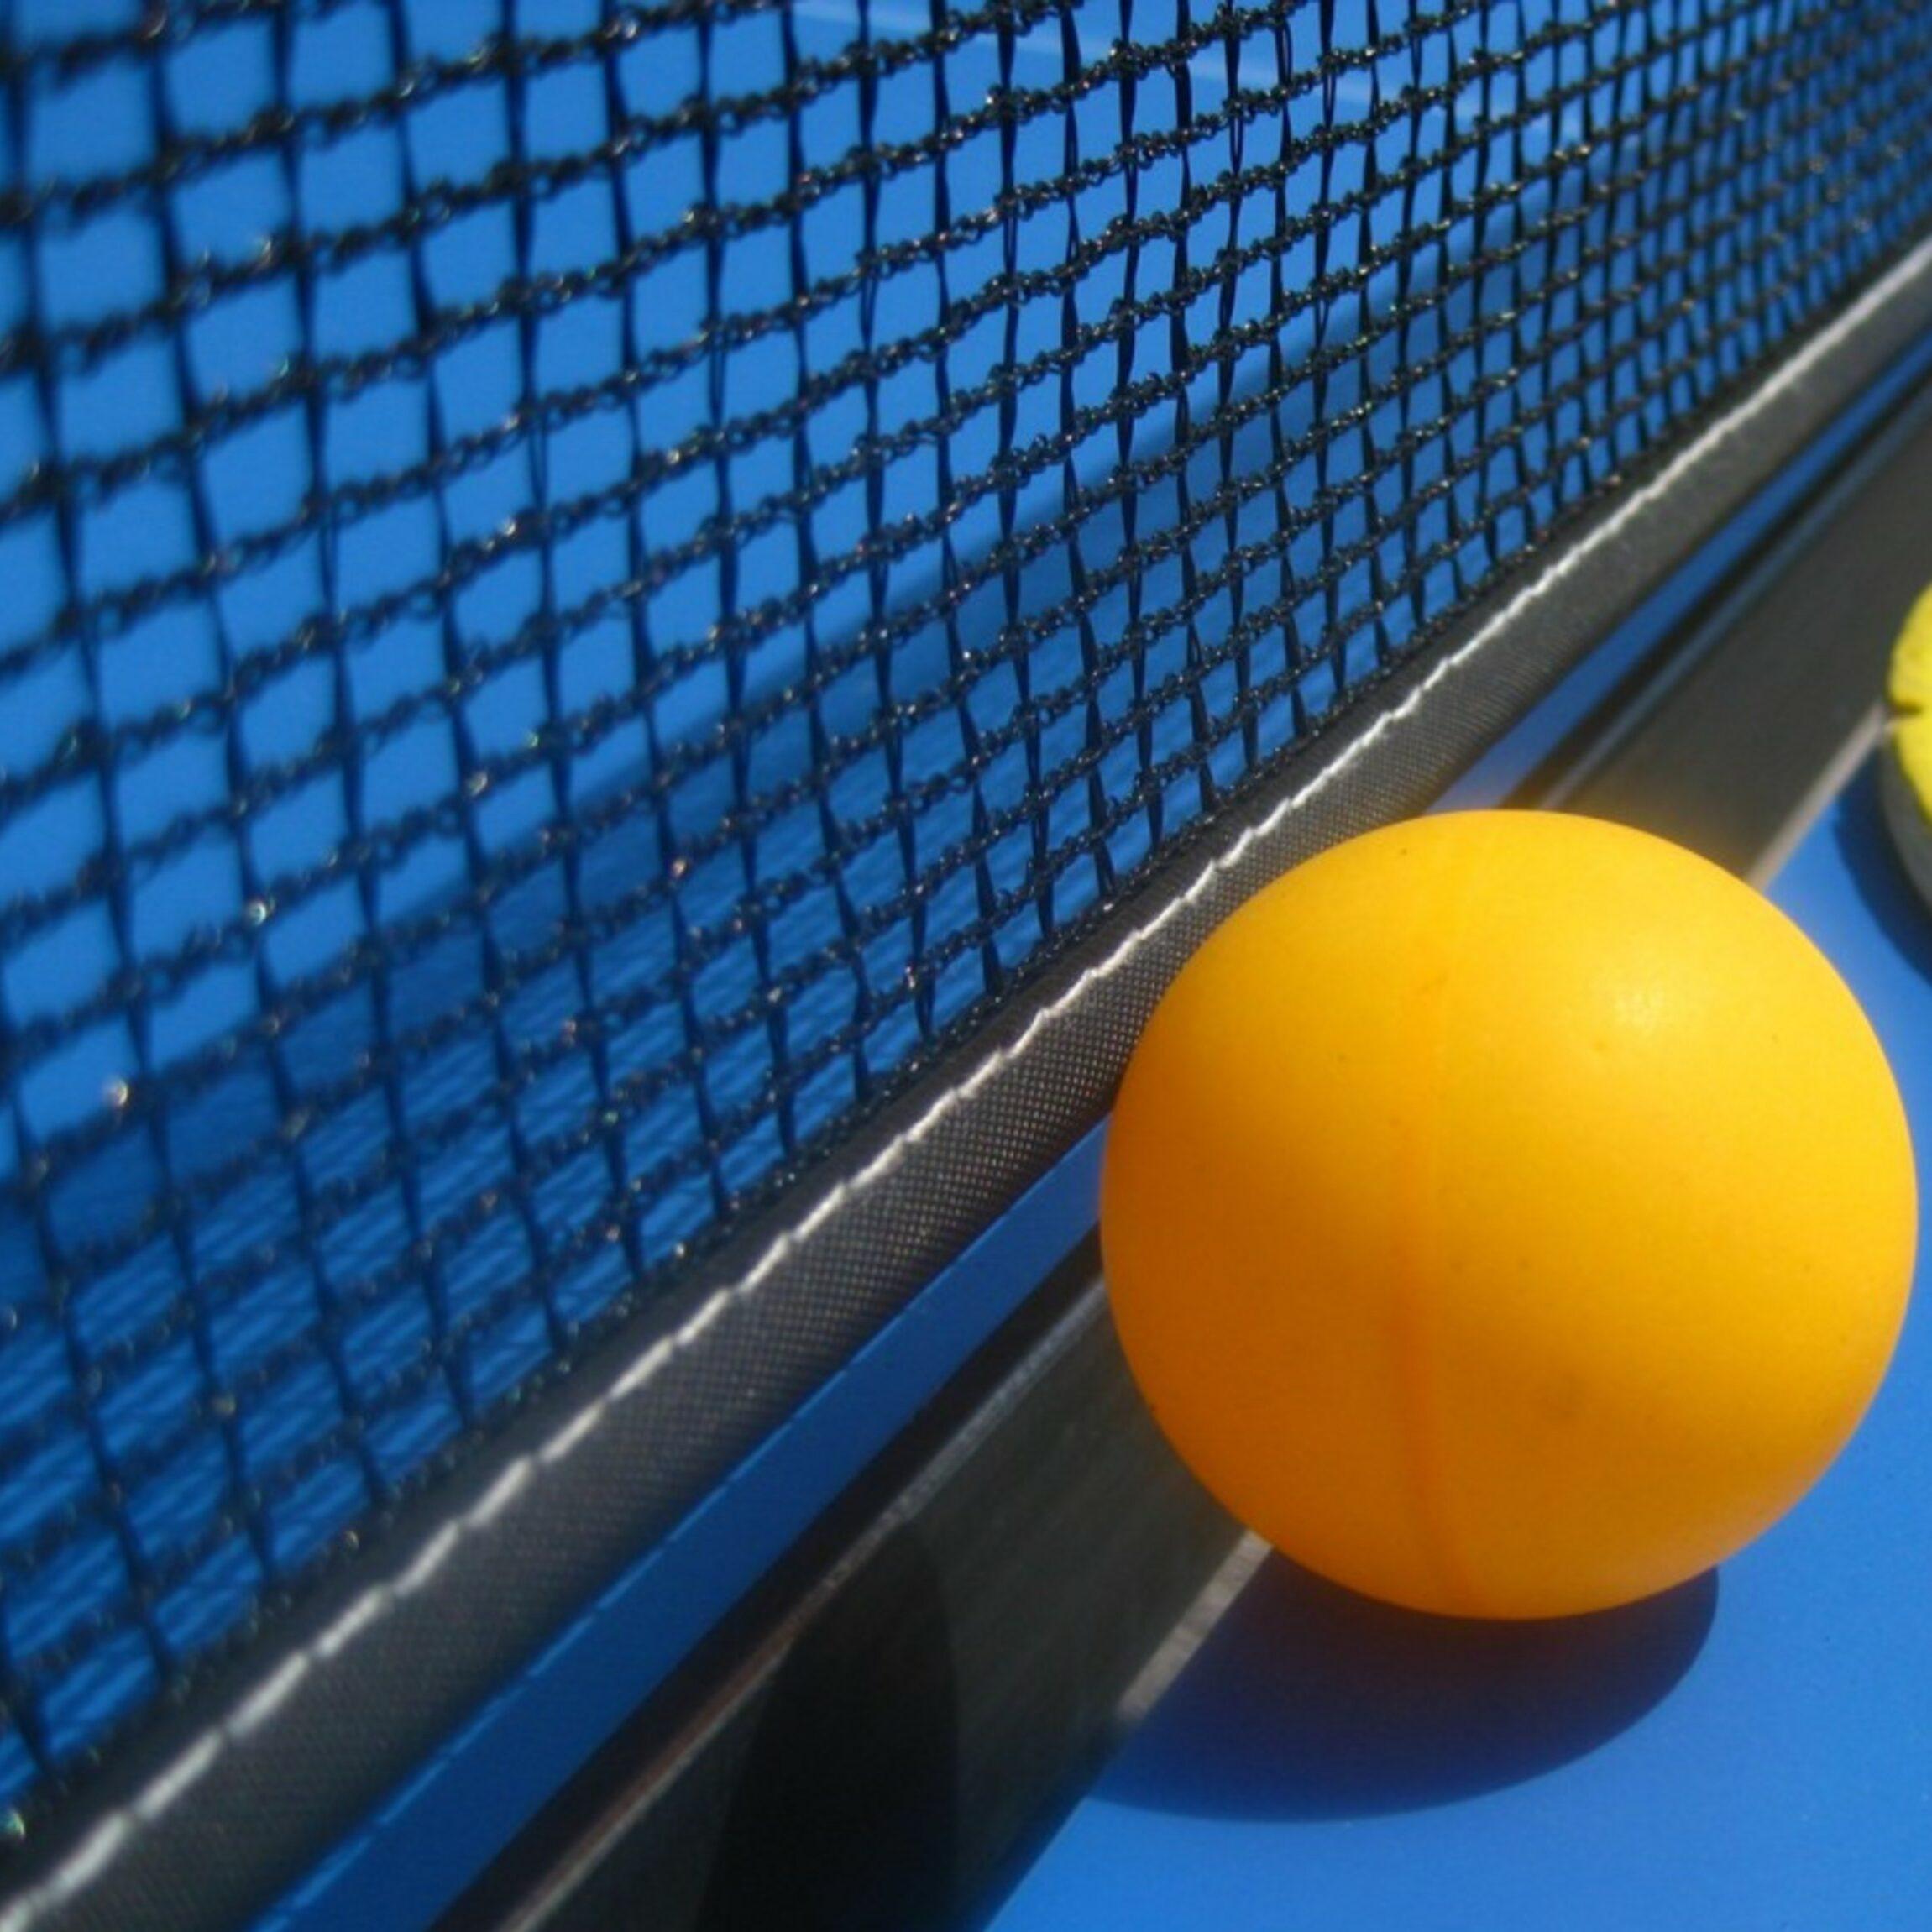 in Großaufnahme sieht man das Tischtennisnetz und davor einen Ball, den Schläger erahnt man daneben.